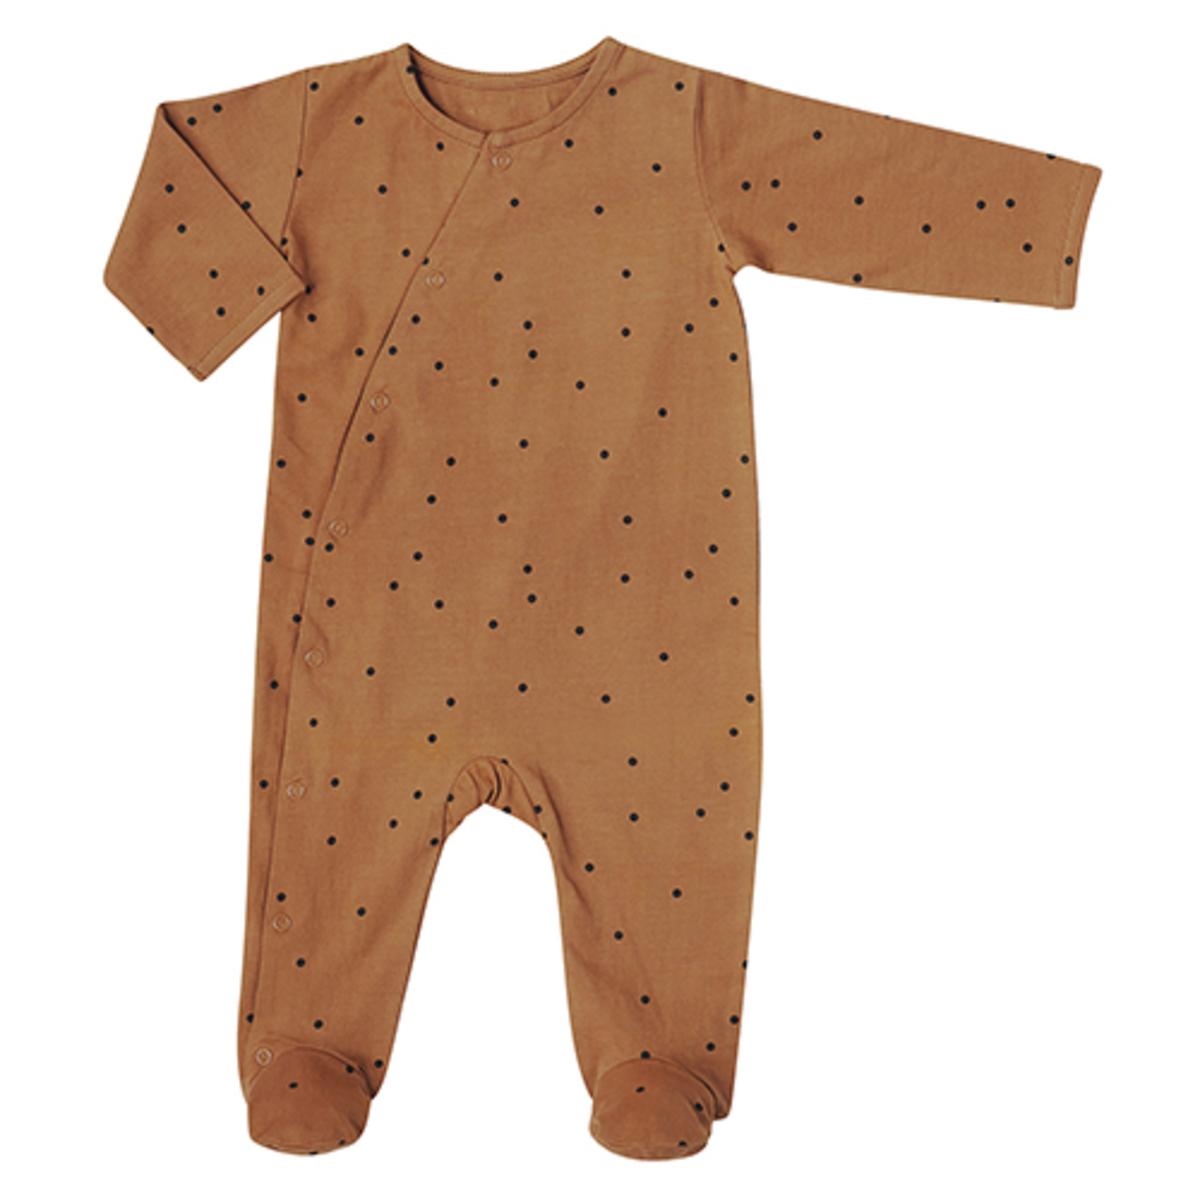 Body & Pyjama Combinaison Jour et Nuit Pois Nut - 1 Mois